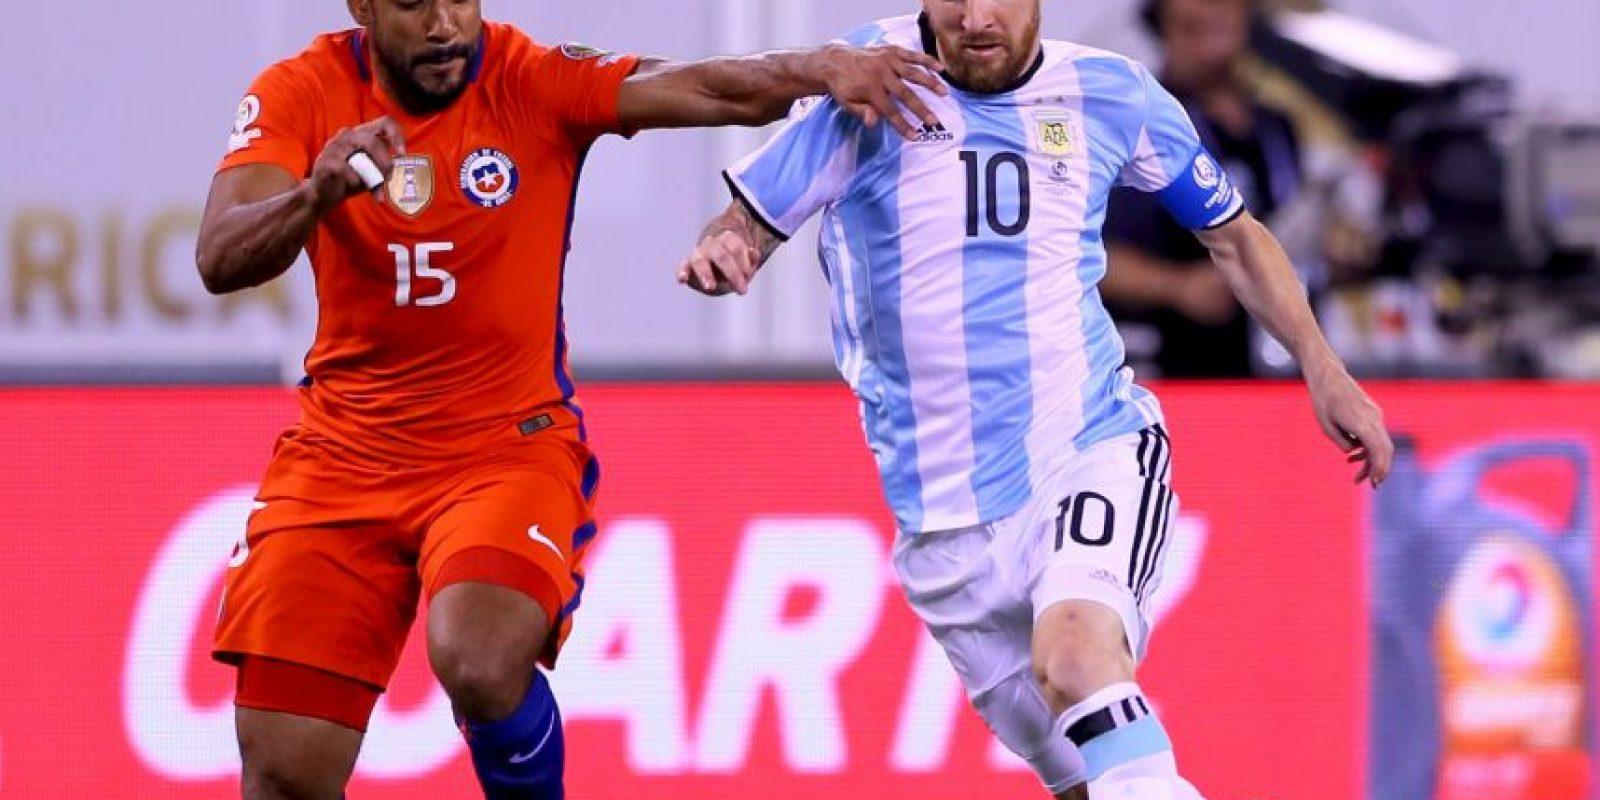 Lionel Messi pareció estar jugando solo y muy pocas veces encontró ayuda de sus compañeros Foto:Getty Images